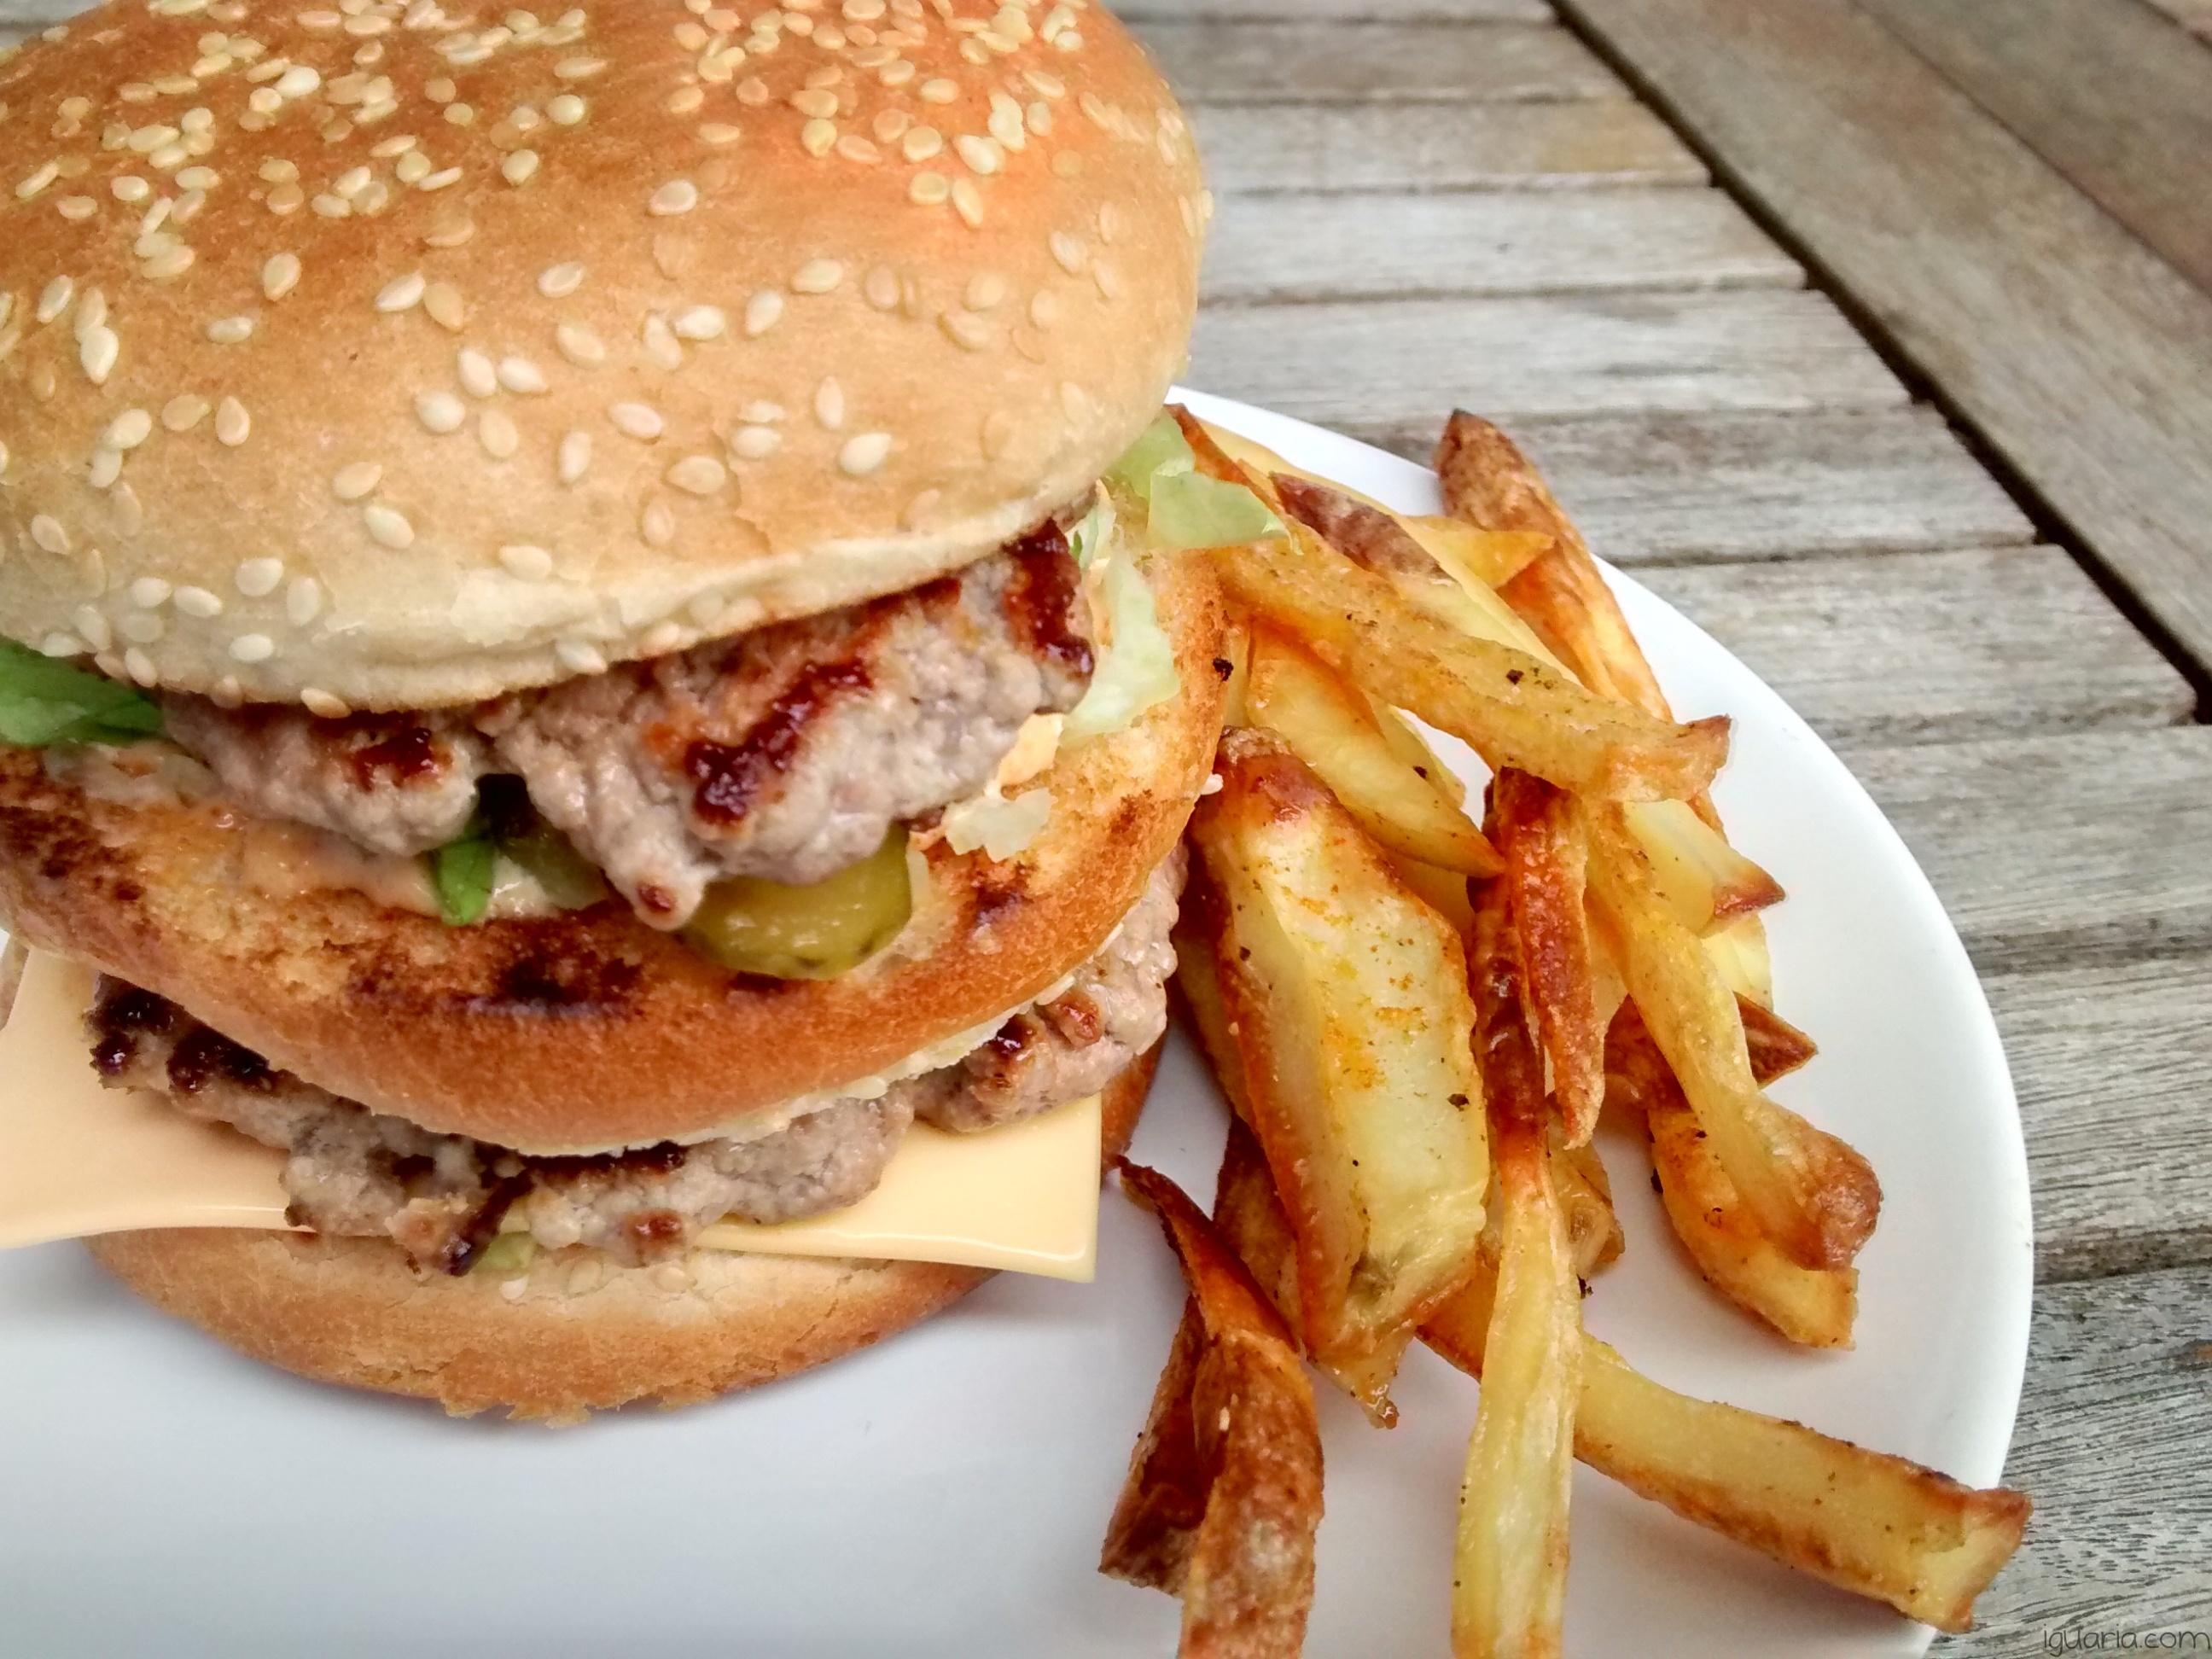 Iguaria_Big-Mac-Feito-em-Casa